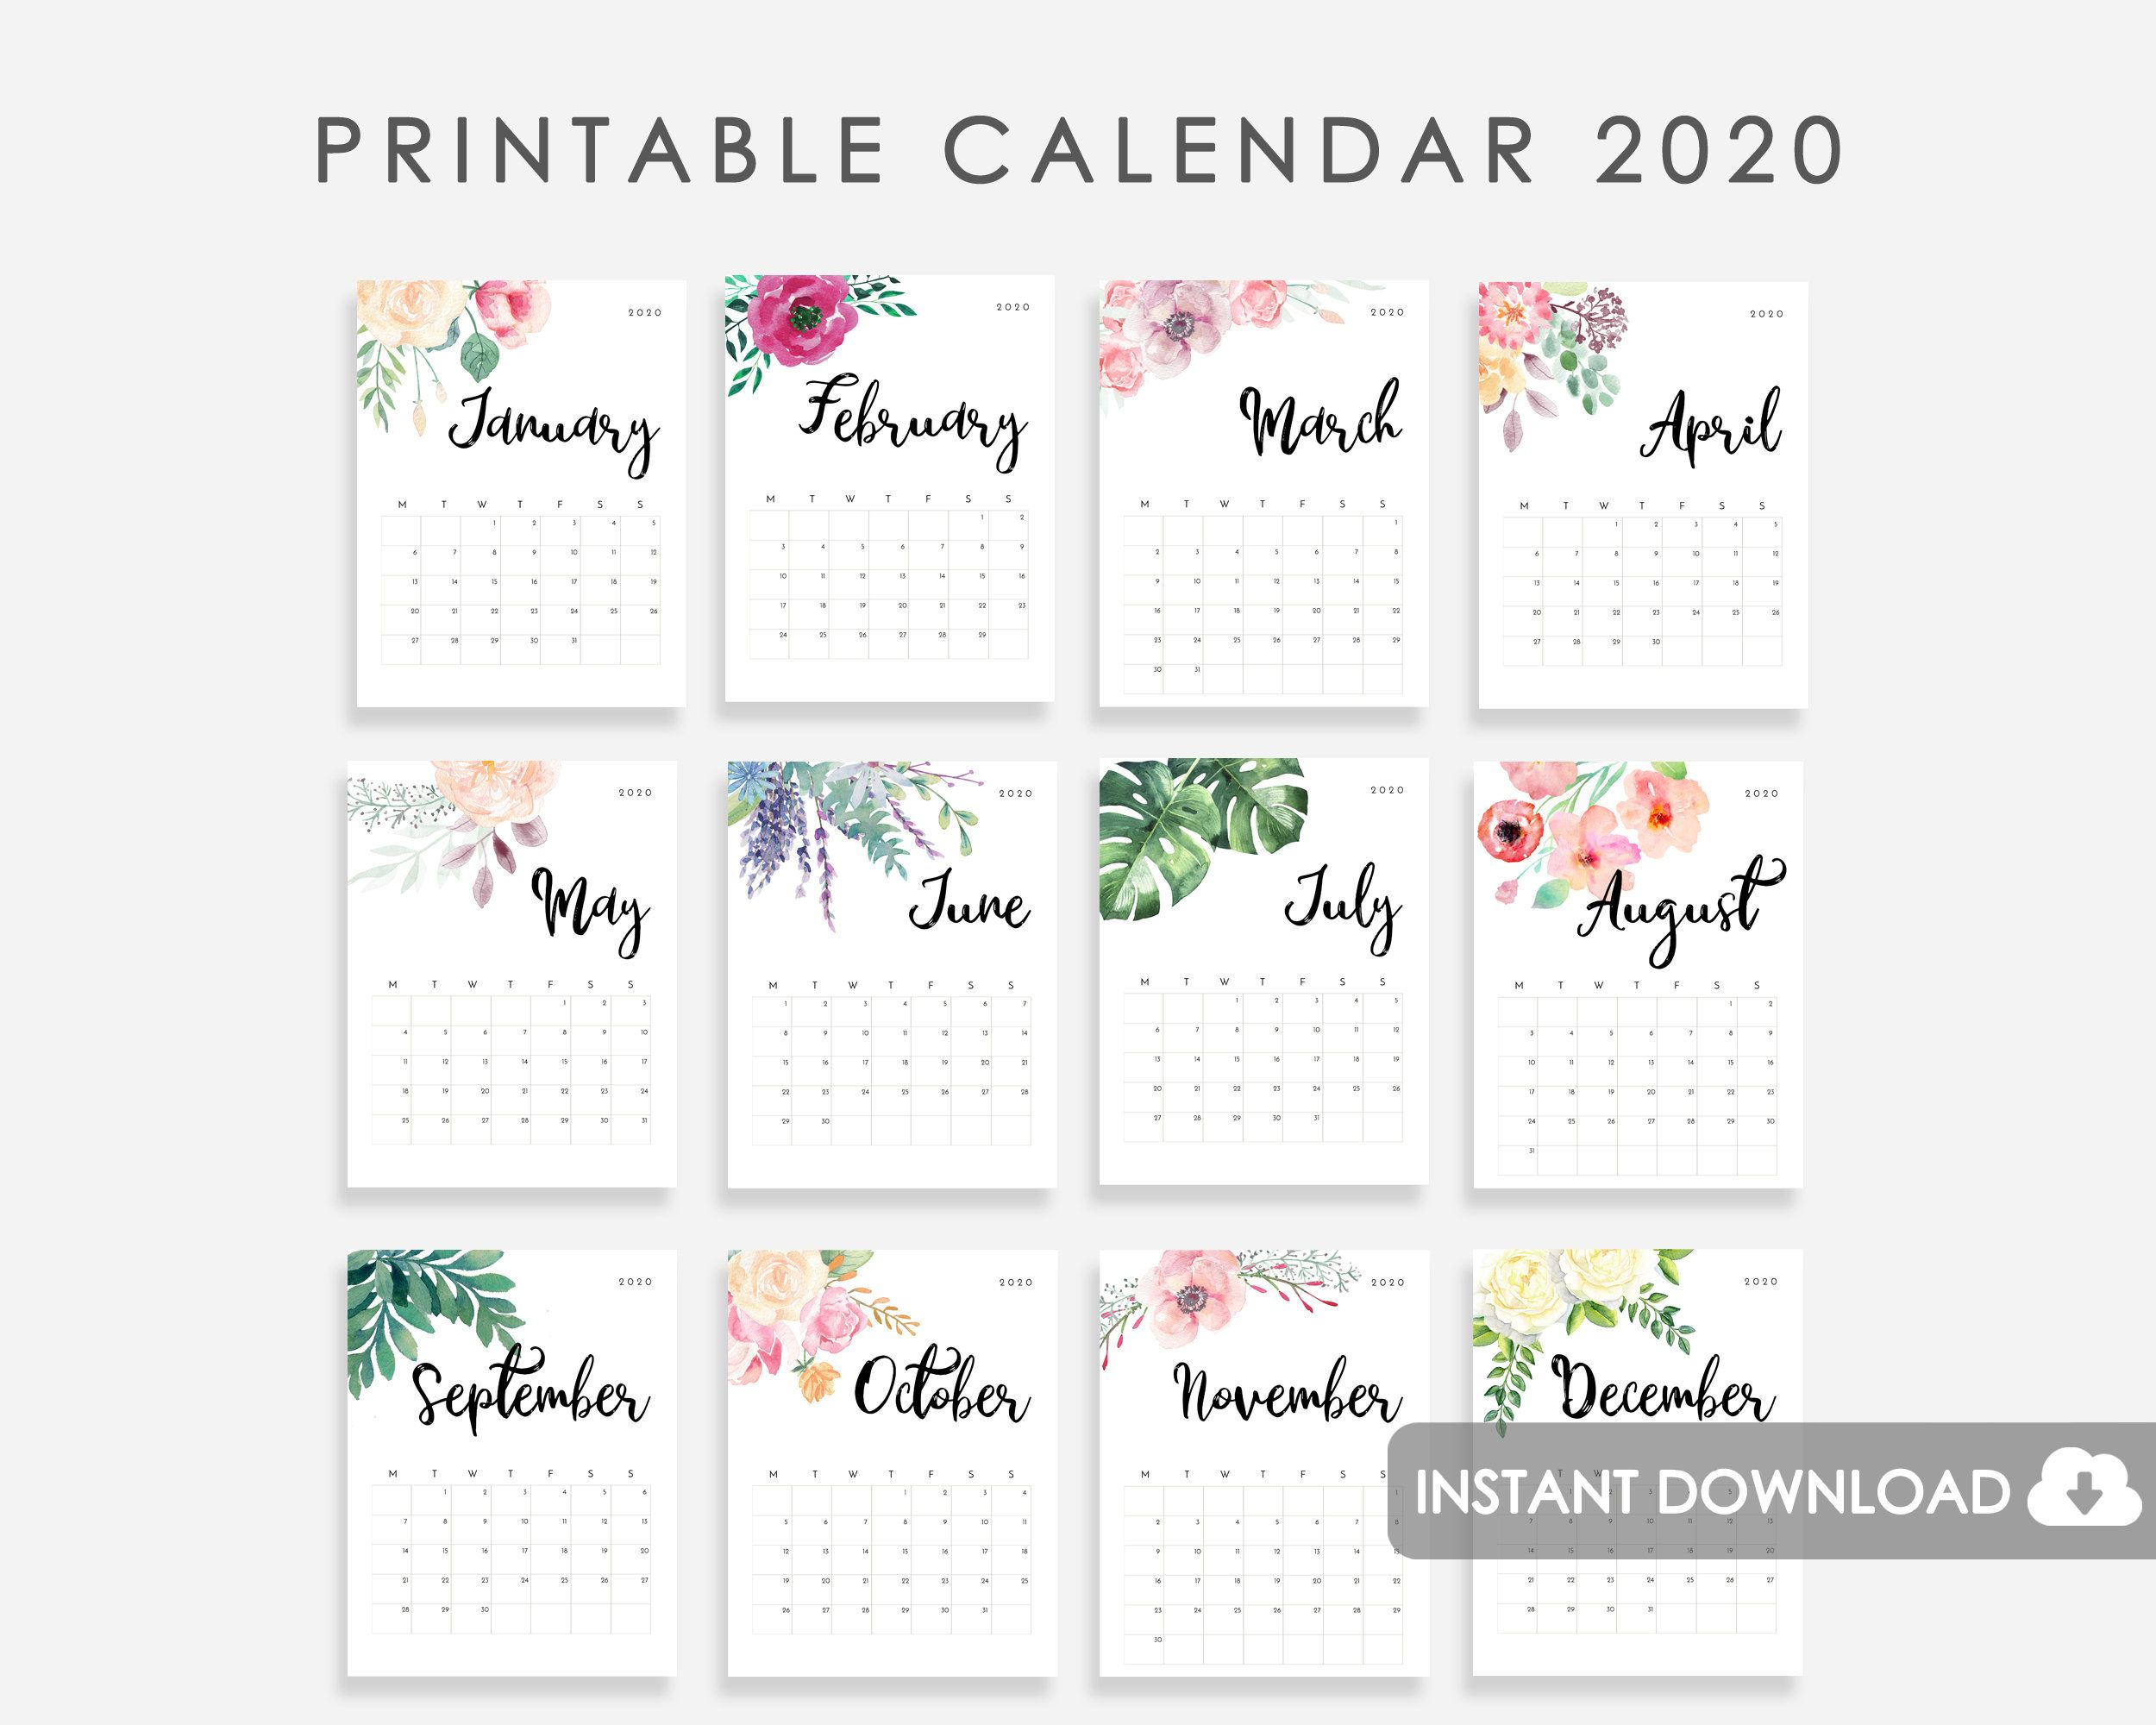 2020 Calendar Printable, Desk Calendar 2020, 2020 Wall